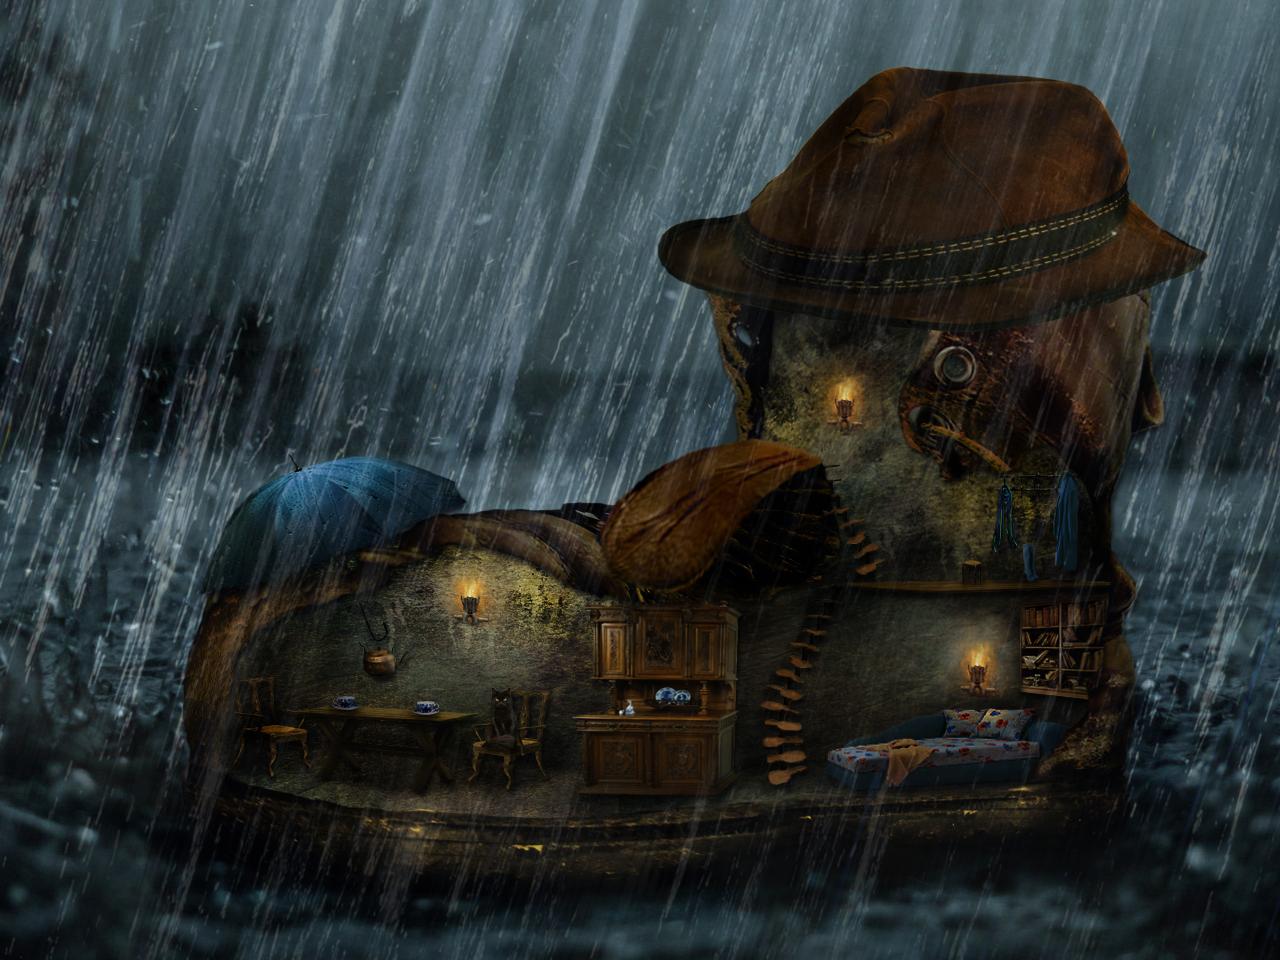 Фото Домик в виде ботинка под дождем, by Avi-li